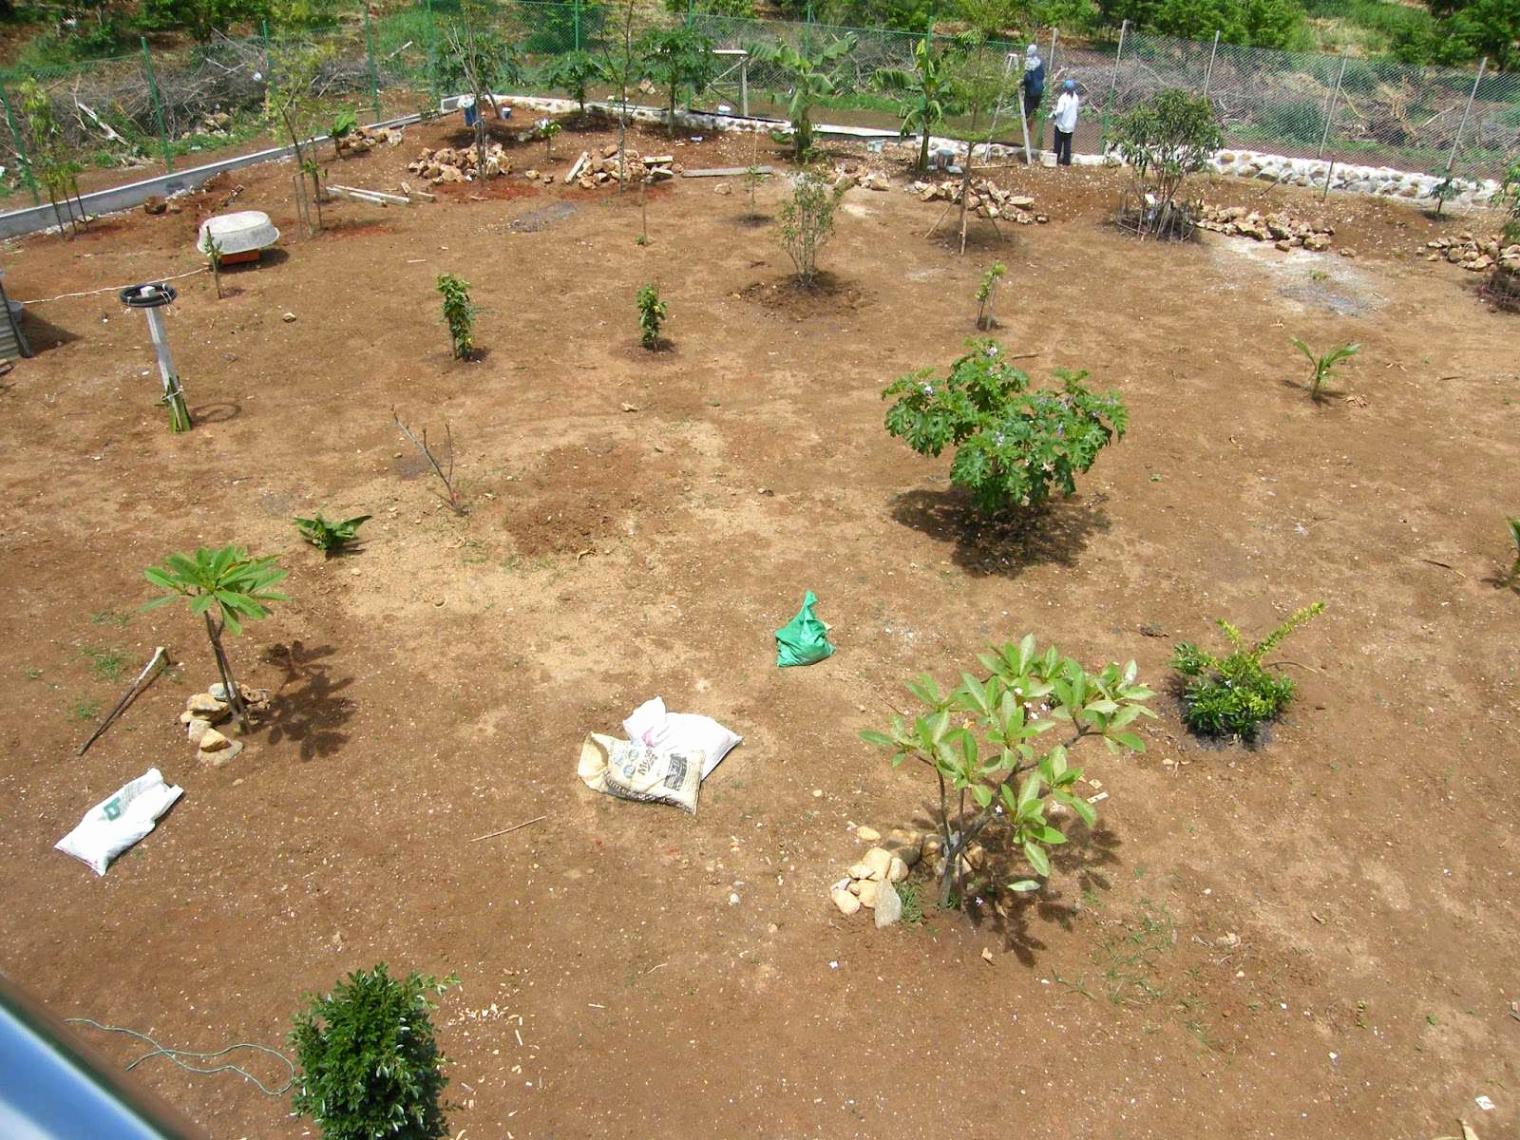 kies garten anlegen genial vorgarten gestalten modern inspirierend kiesgarten anlegen ideen kiesgarten anlegen ideen